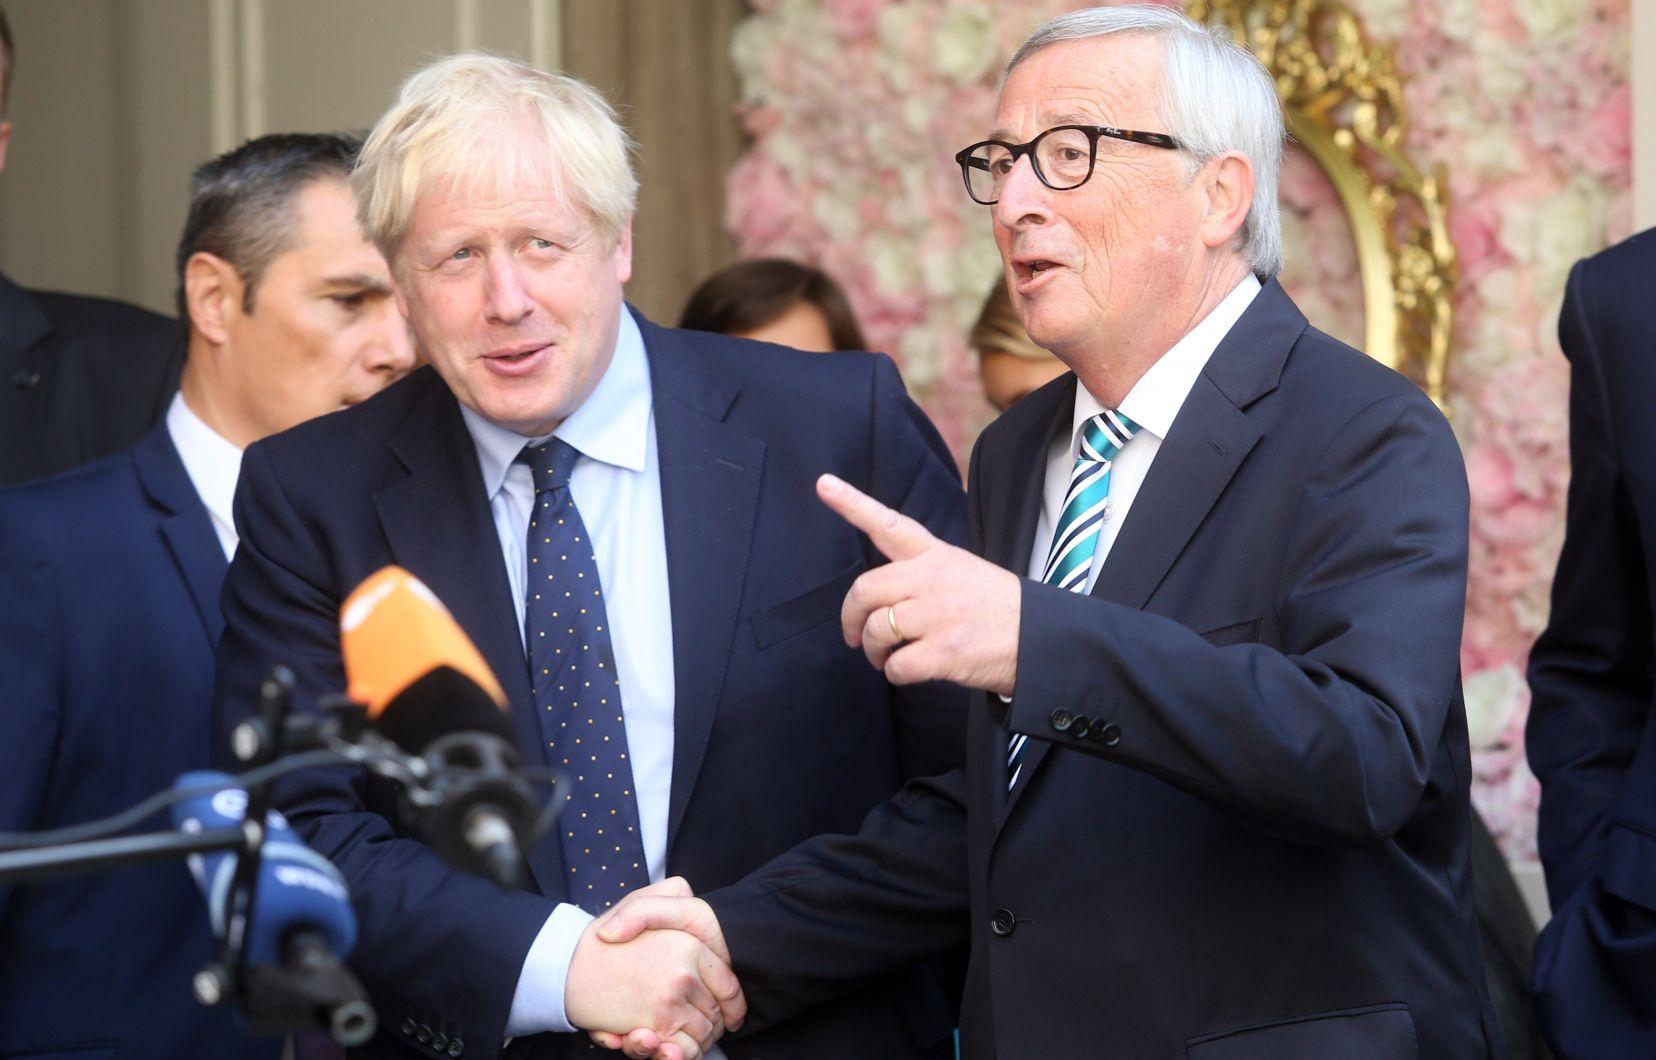 عاجل...بريطانيا والاتحاد الأوروبي يتوصلان لاتفاق جديد حول بريكست